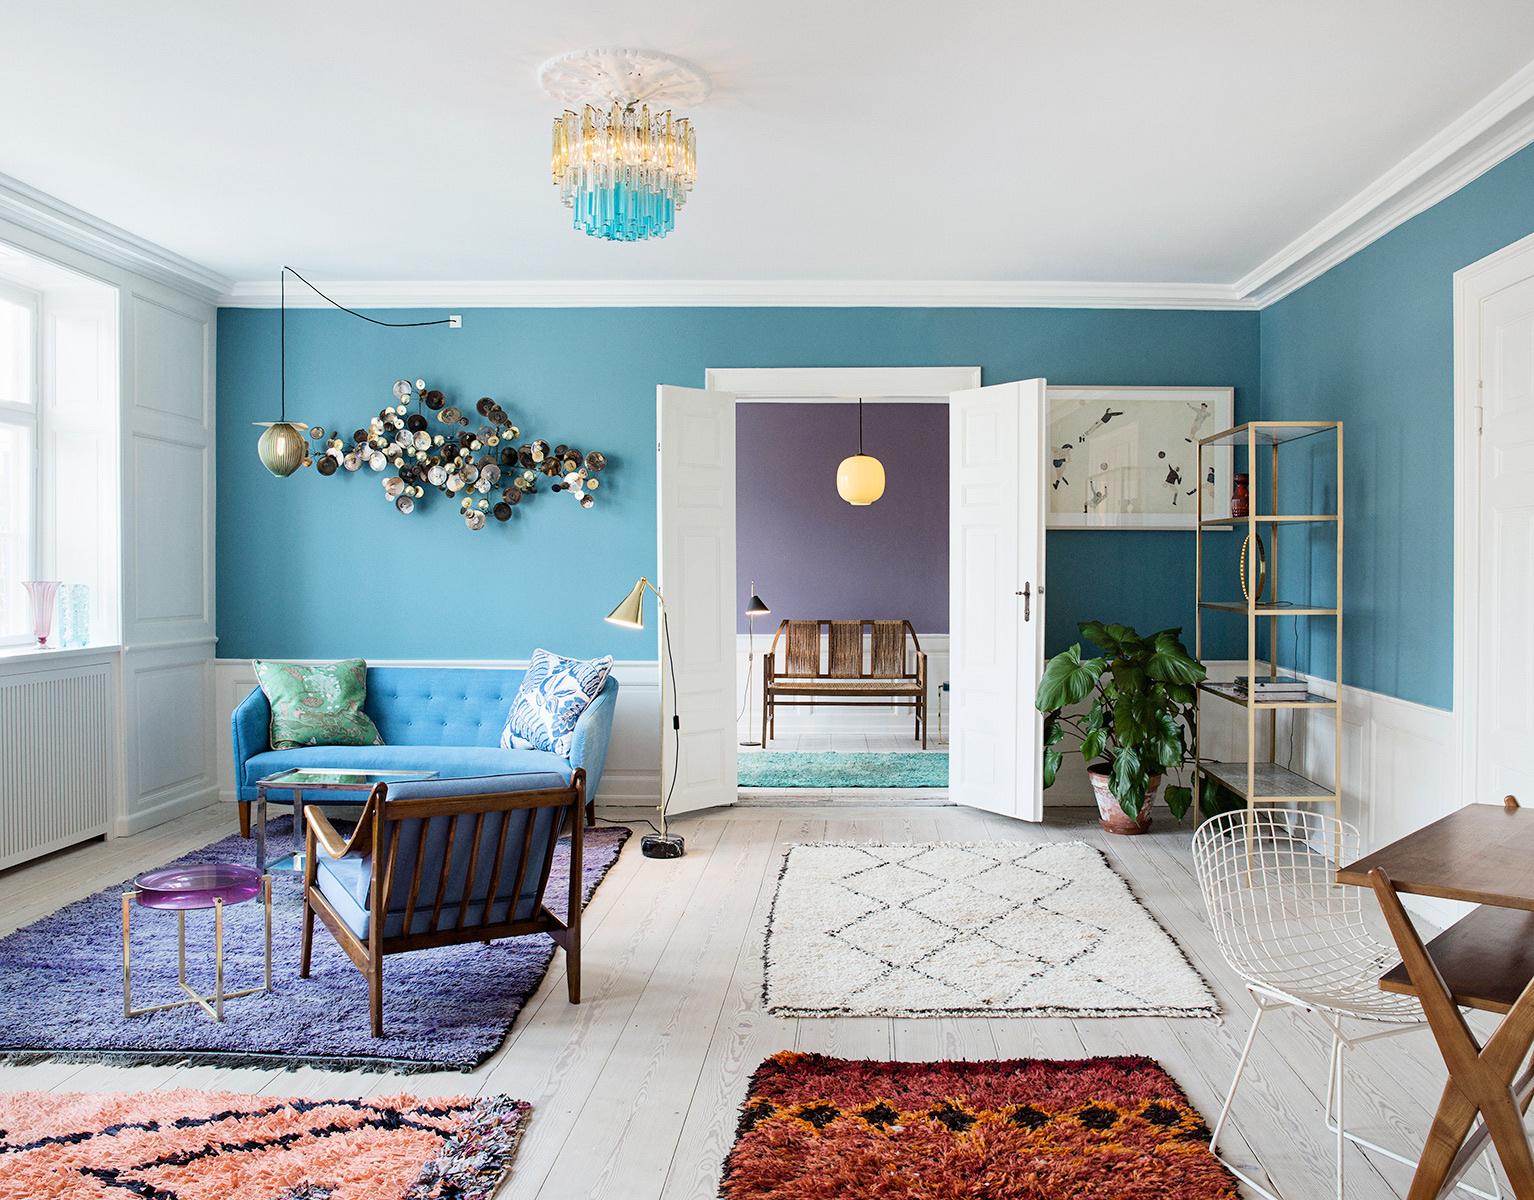 the_apartment_galeria_diseno_copenhague_92463810_1534x1200